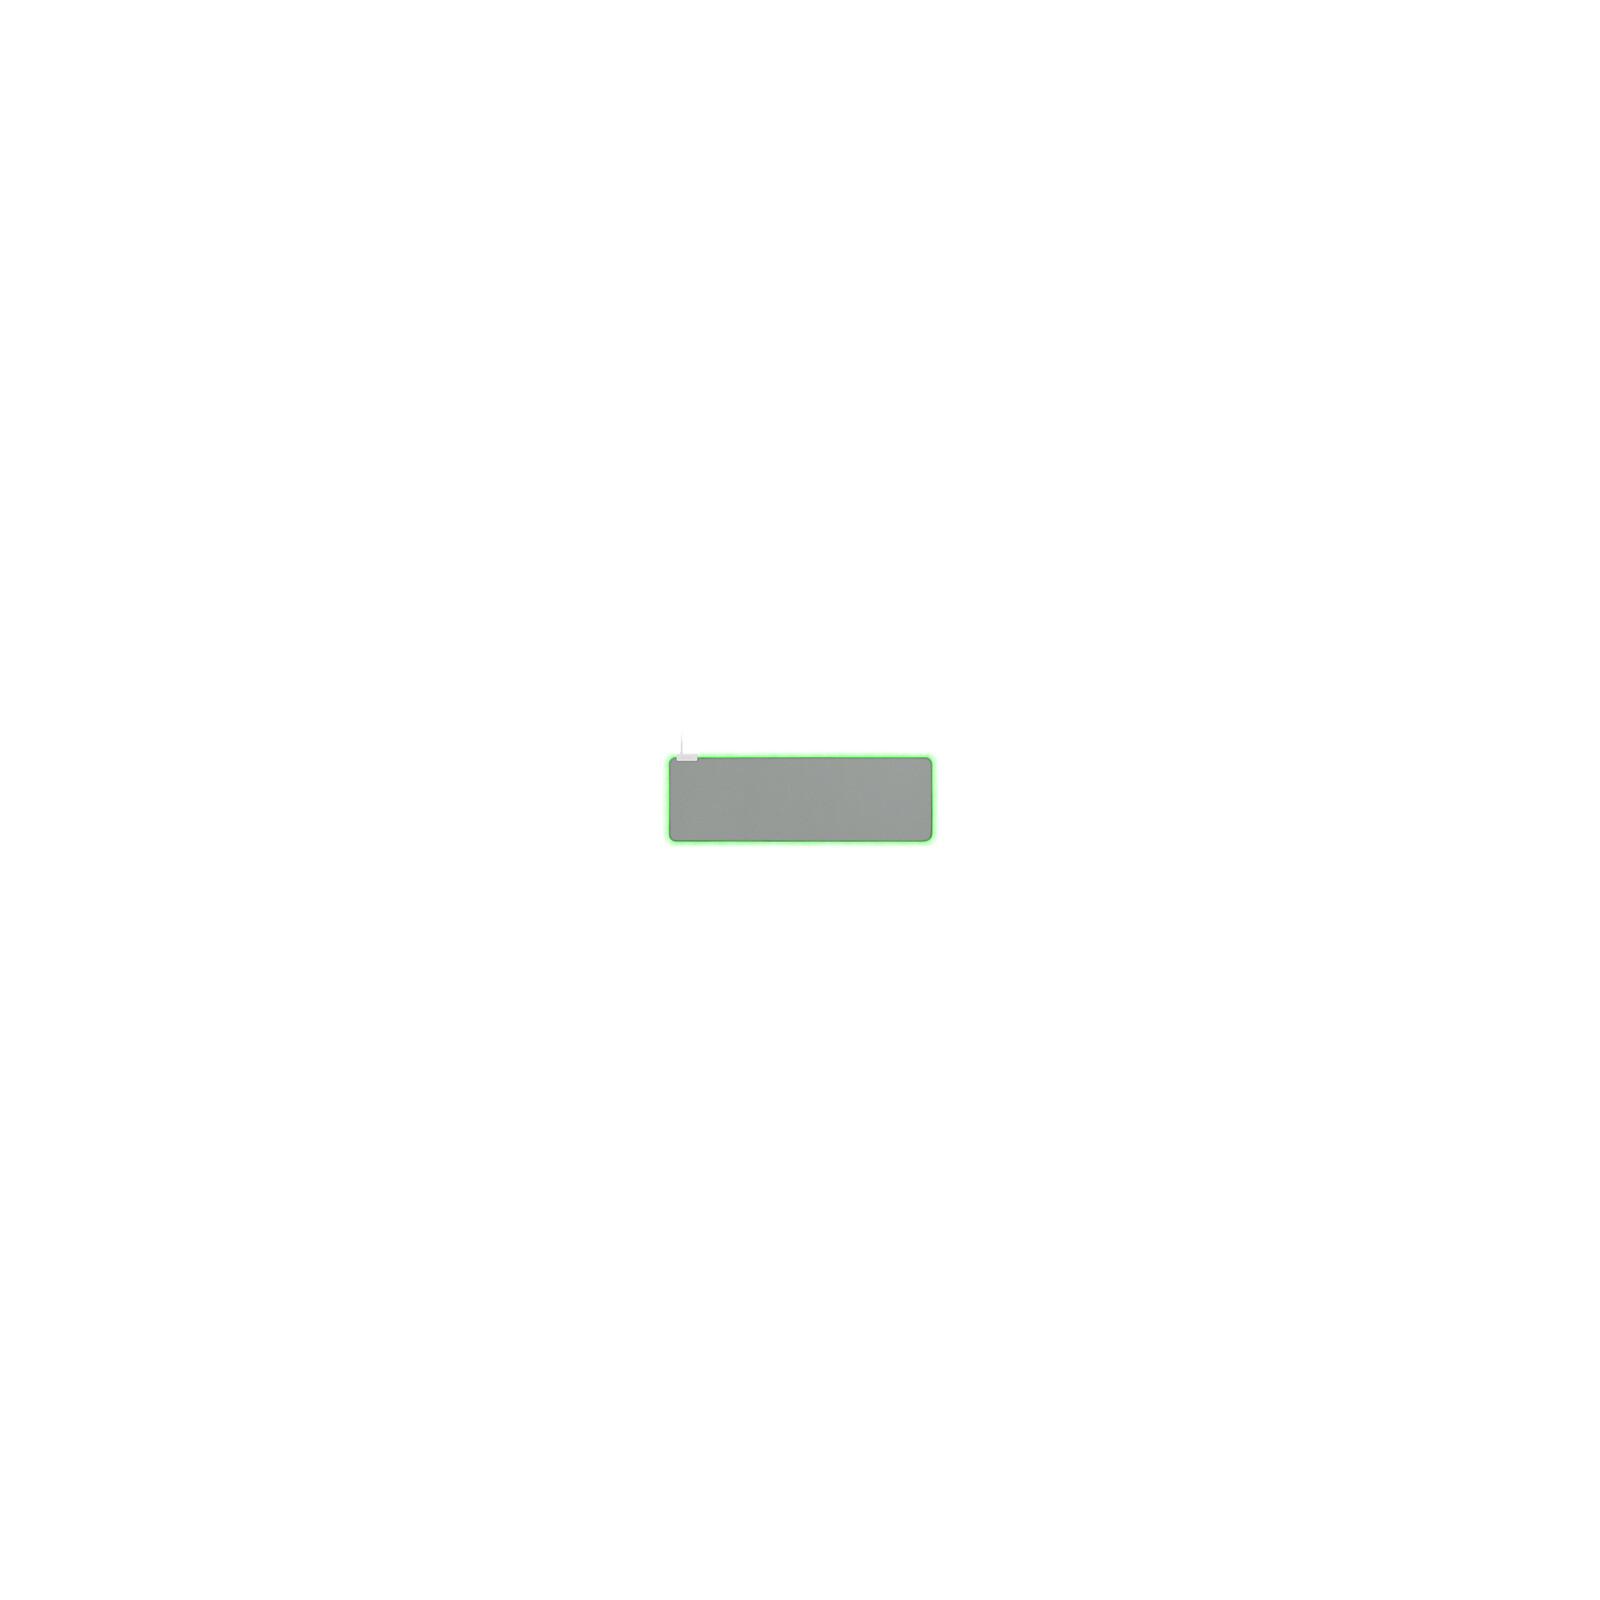 Razer Goliathus Chroma Extended - Mercury Editon